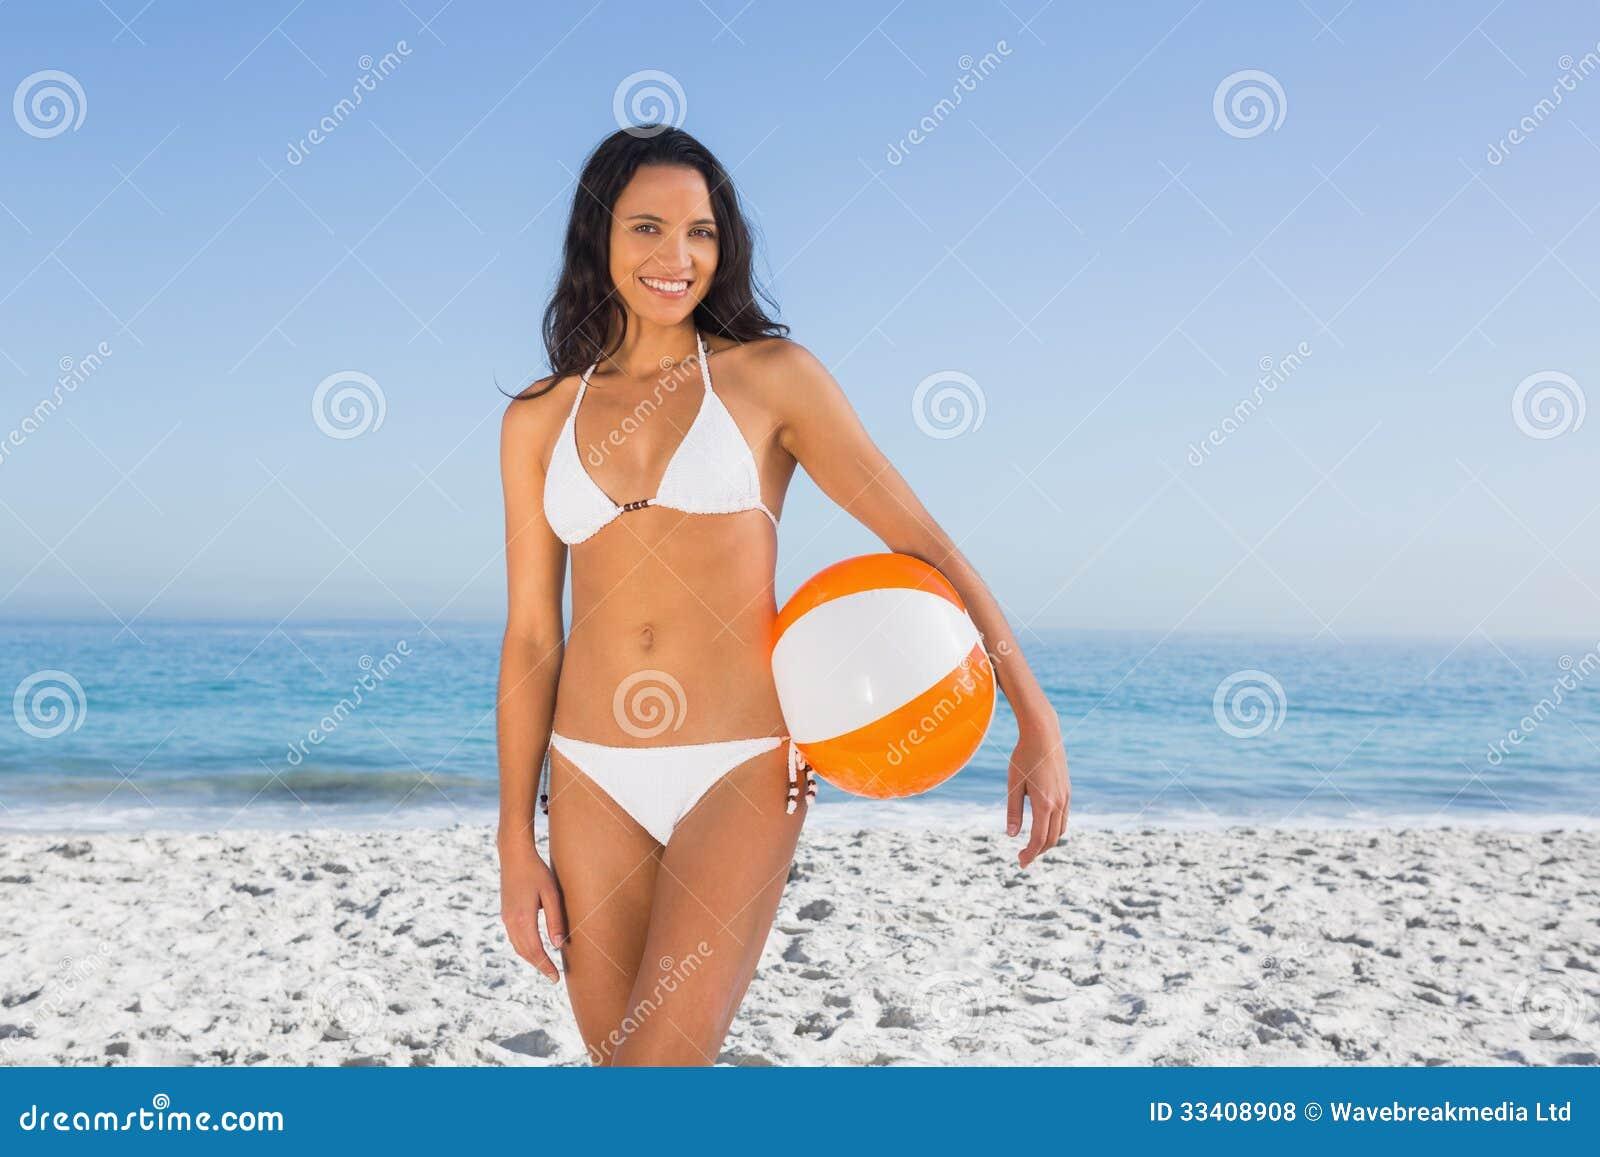 黑皮肤泳衣图片